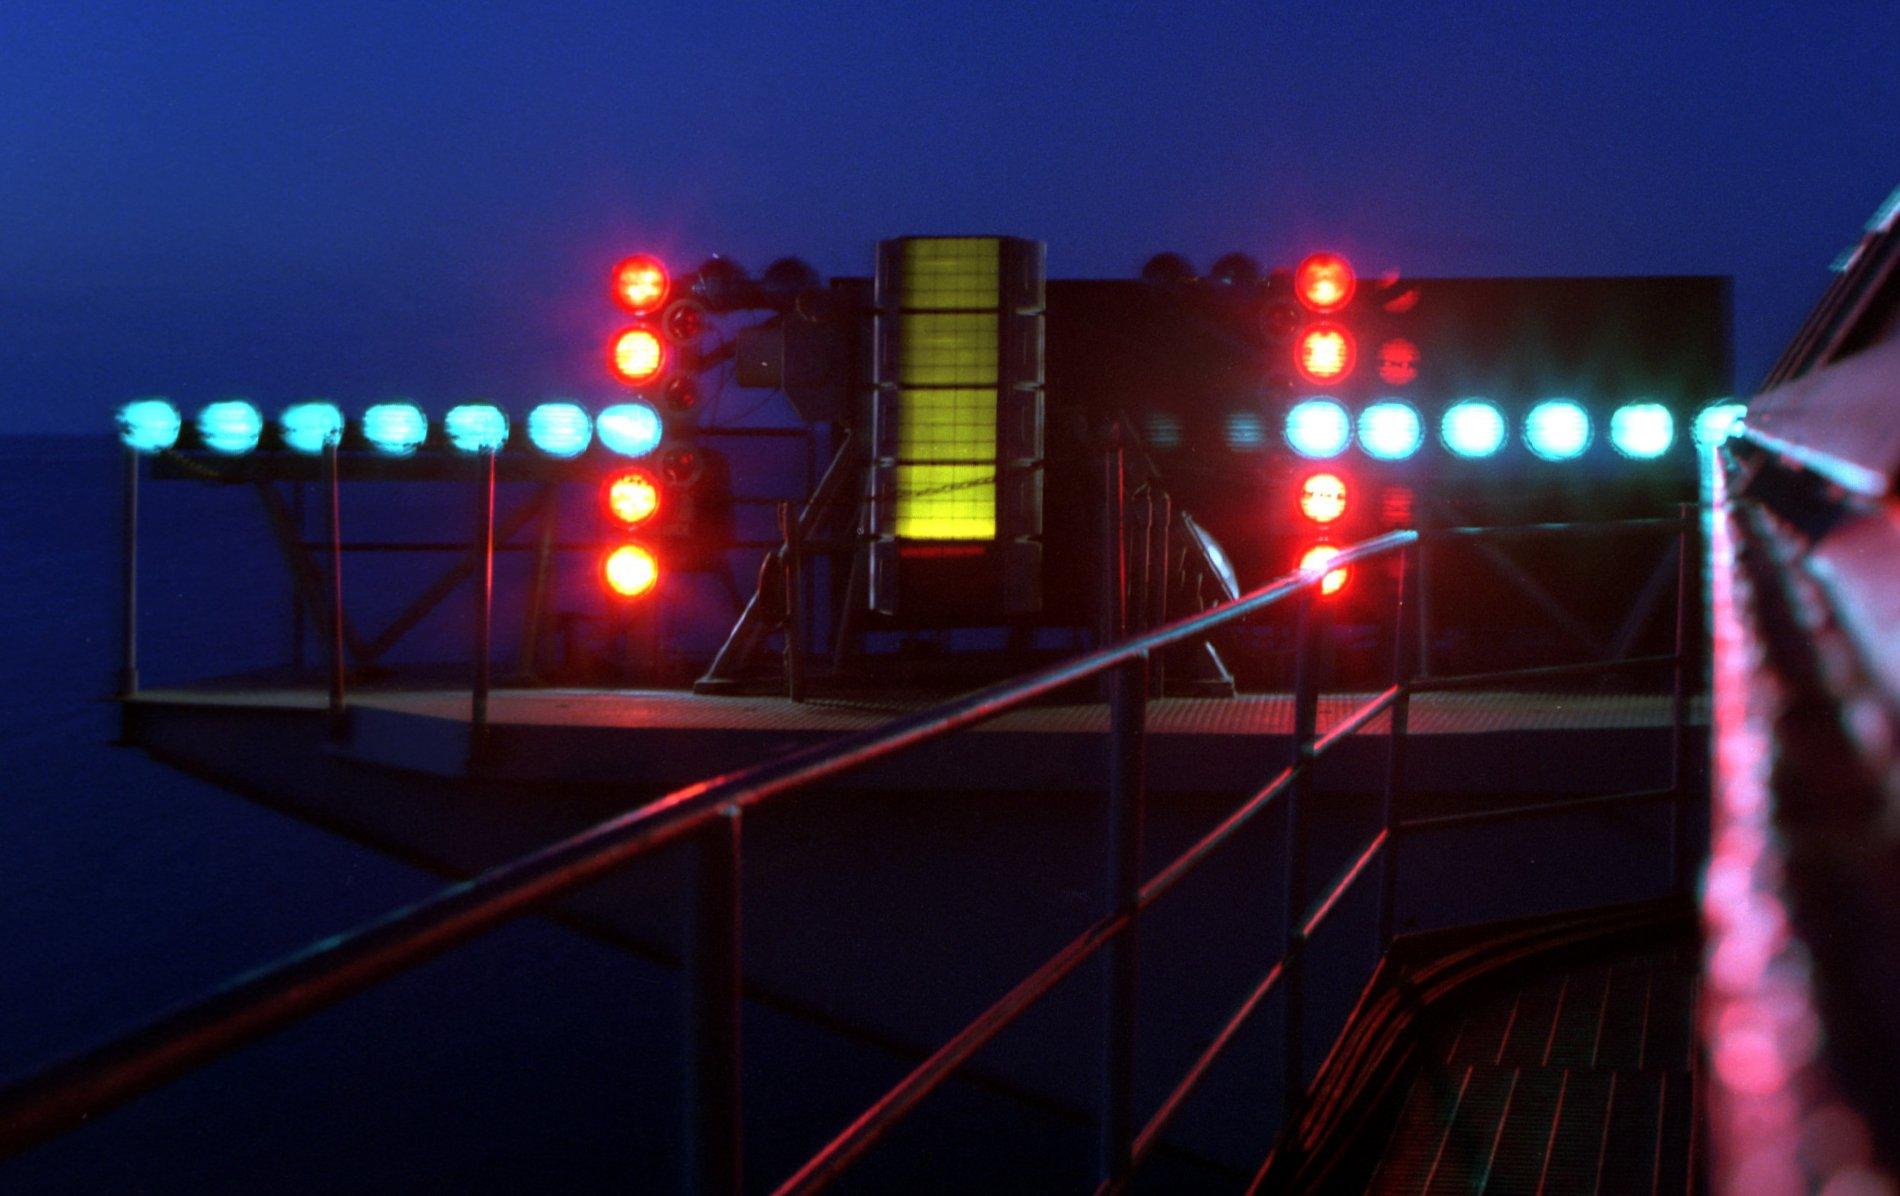 Optical_Landing_System%2C_night%2C_aboard_USS_Dwight_D._Eisenhower_%28CVN-69%29.jpg